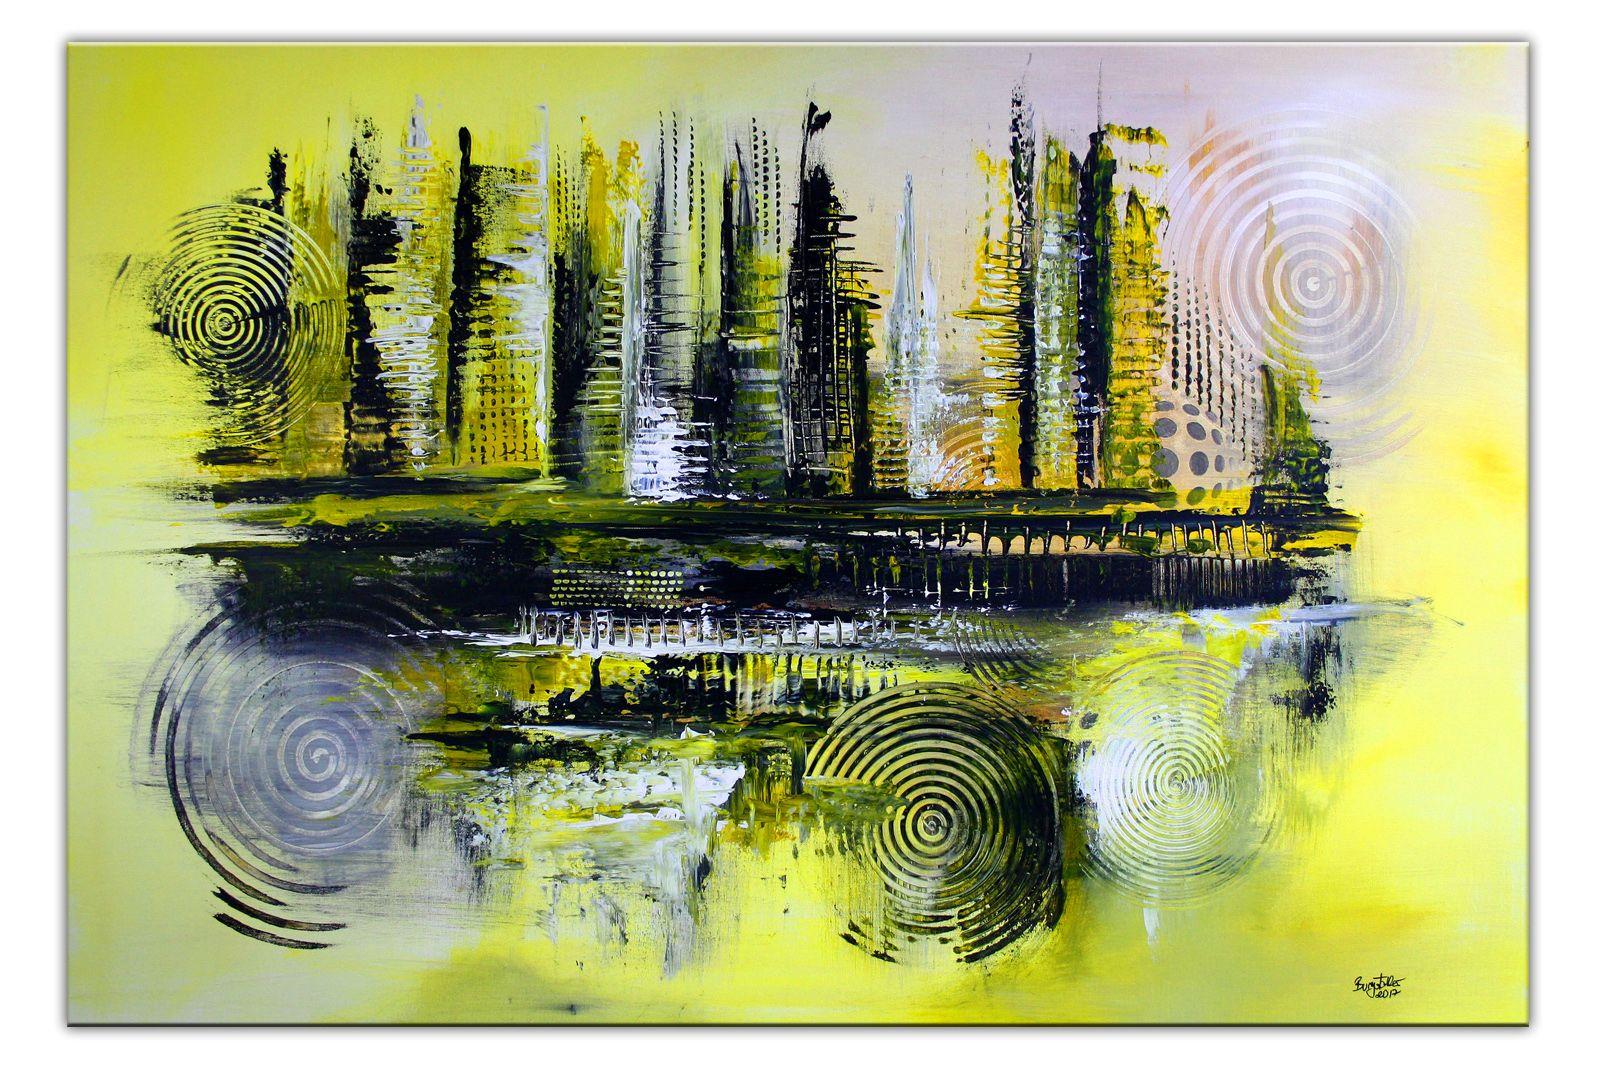 245 Verkaufte Abstrakte Malerei Gelb Grau Schwarz Abstrakte Wandbilder Original Gemalde Kunst Malerei Kunstwerke Abstrakte Kunst Abstrakt Abstrakte Malerei